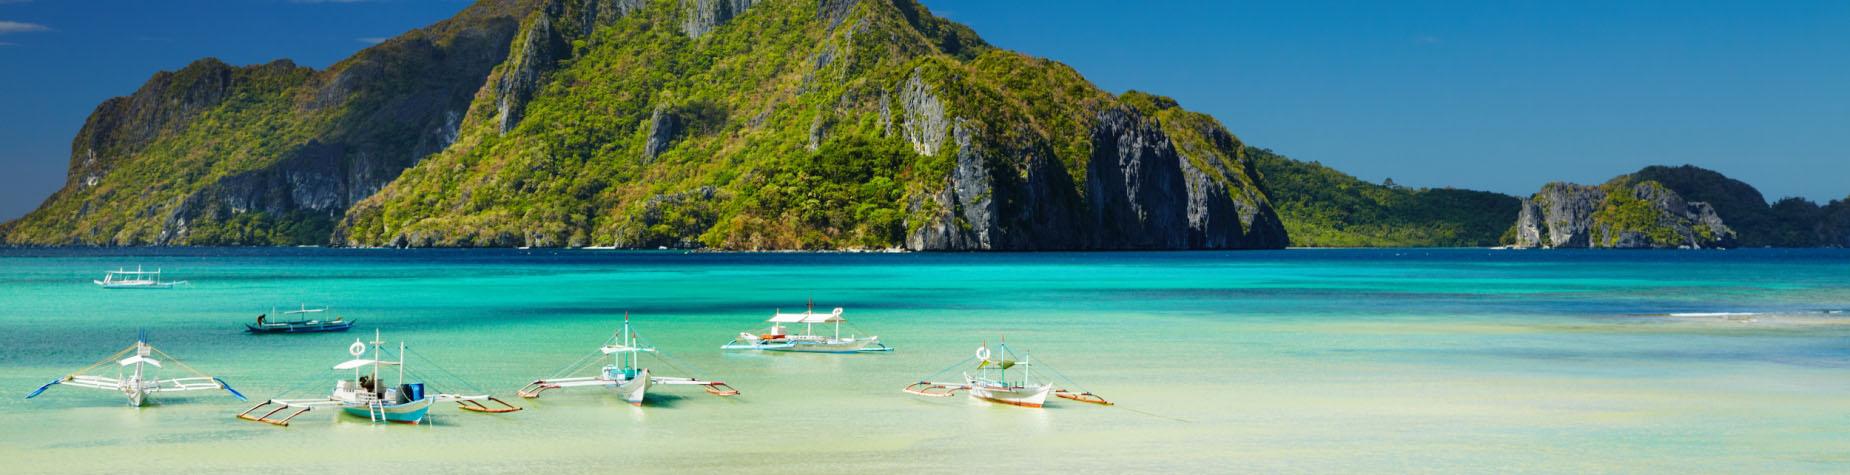 De mooiste stranden op de Filipijnen